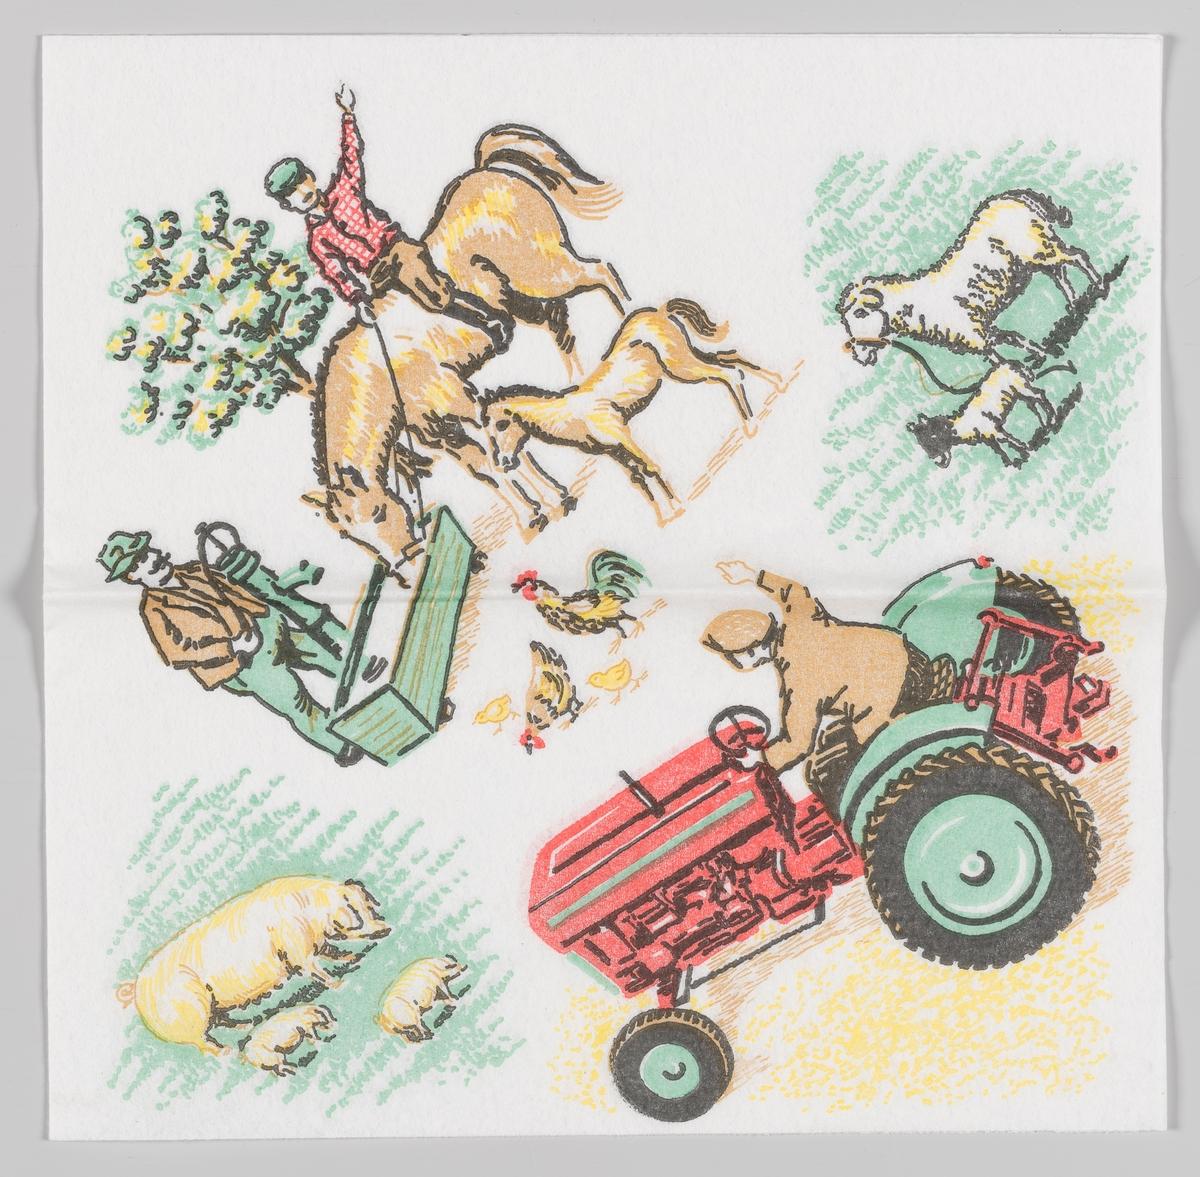 Scener fra en bondegård. En gutt sitter på en hest og ved siden av står et føll. Hester drikker fra et vanntrau. En mann pumper vann opp i vanntrauet til hesten. En hane, en høne og et par kyllinger løper rundt på bakken. Et får står sammen med lammet sitt. En purke går sammen med to grisunger. En mann kjører på en traktor og vinker.